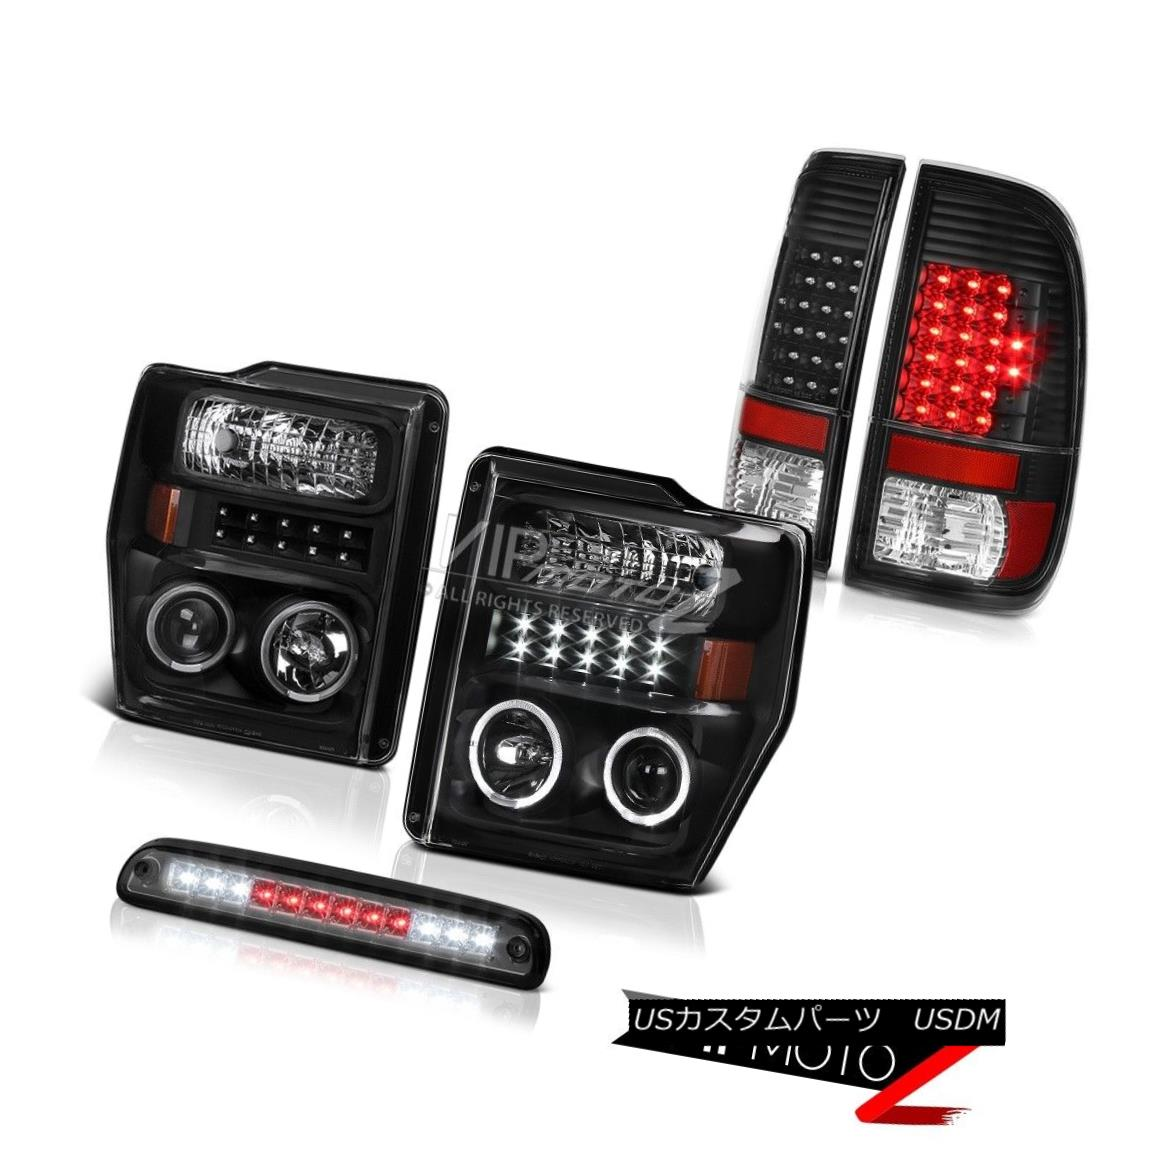 テールライト 2008-2010 F250 King Ranch L.E.D DRL Halo Headlights Reverse Tail Lights Tinted 2008-2010 F250キングランチL.E.D DRLハローヘッドライトテールライトテクスチャ